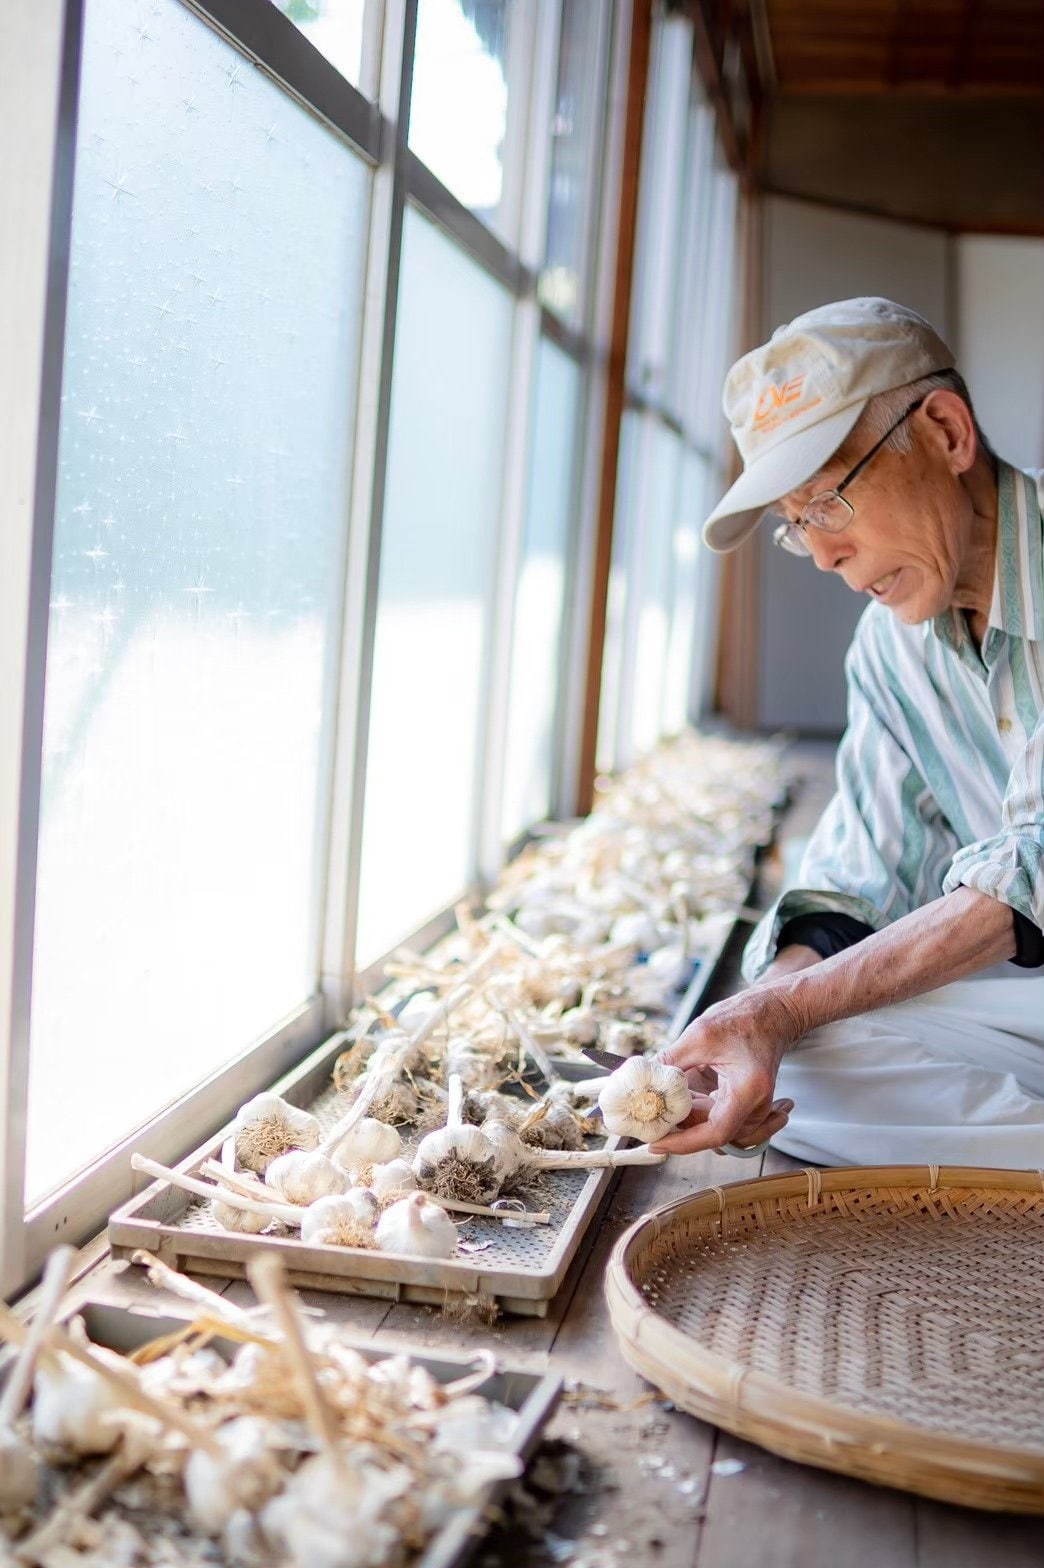 山田さんの農業塾のイメージその1